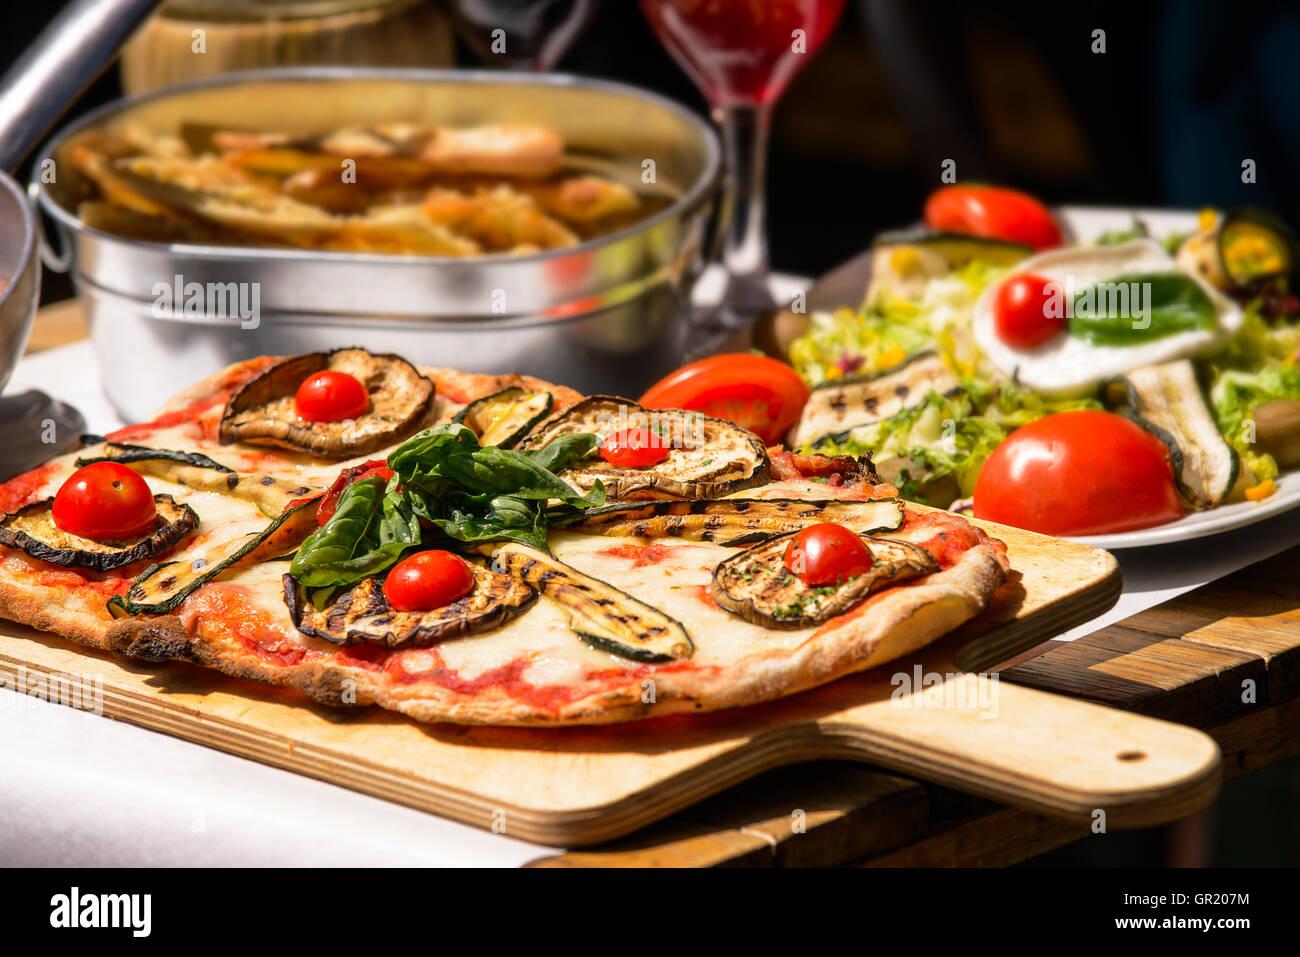 Ristorante Pasta nella città di Roma Italia del sud Europa. Noodle all'uovo, cibo fatto in casa.gustosa Immagini Stock